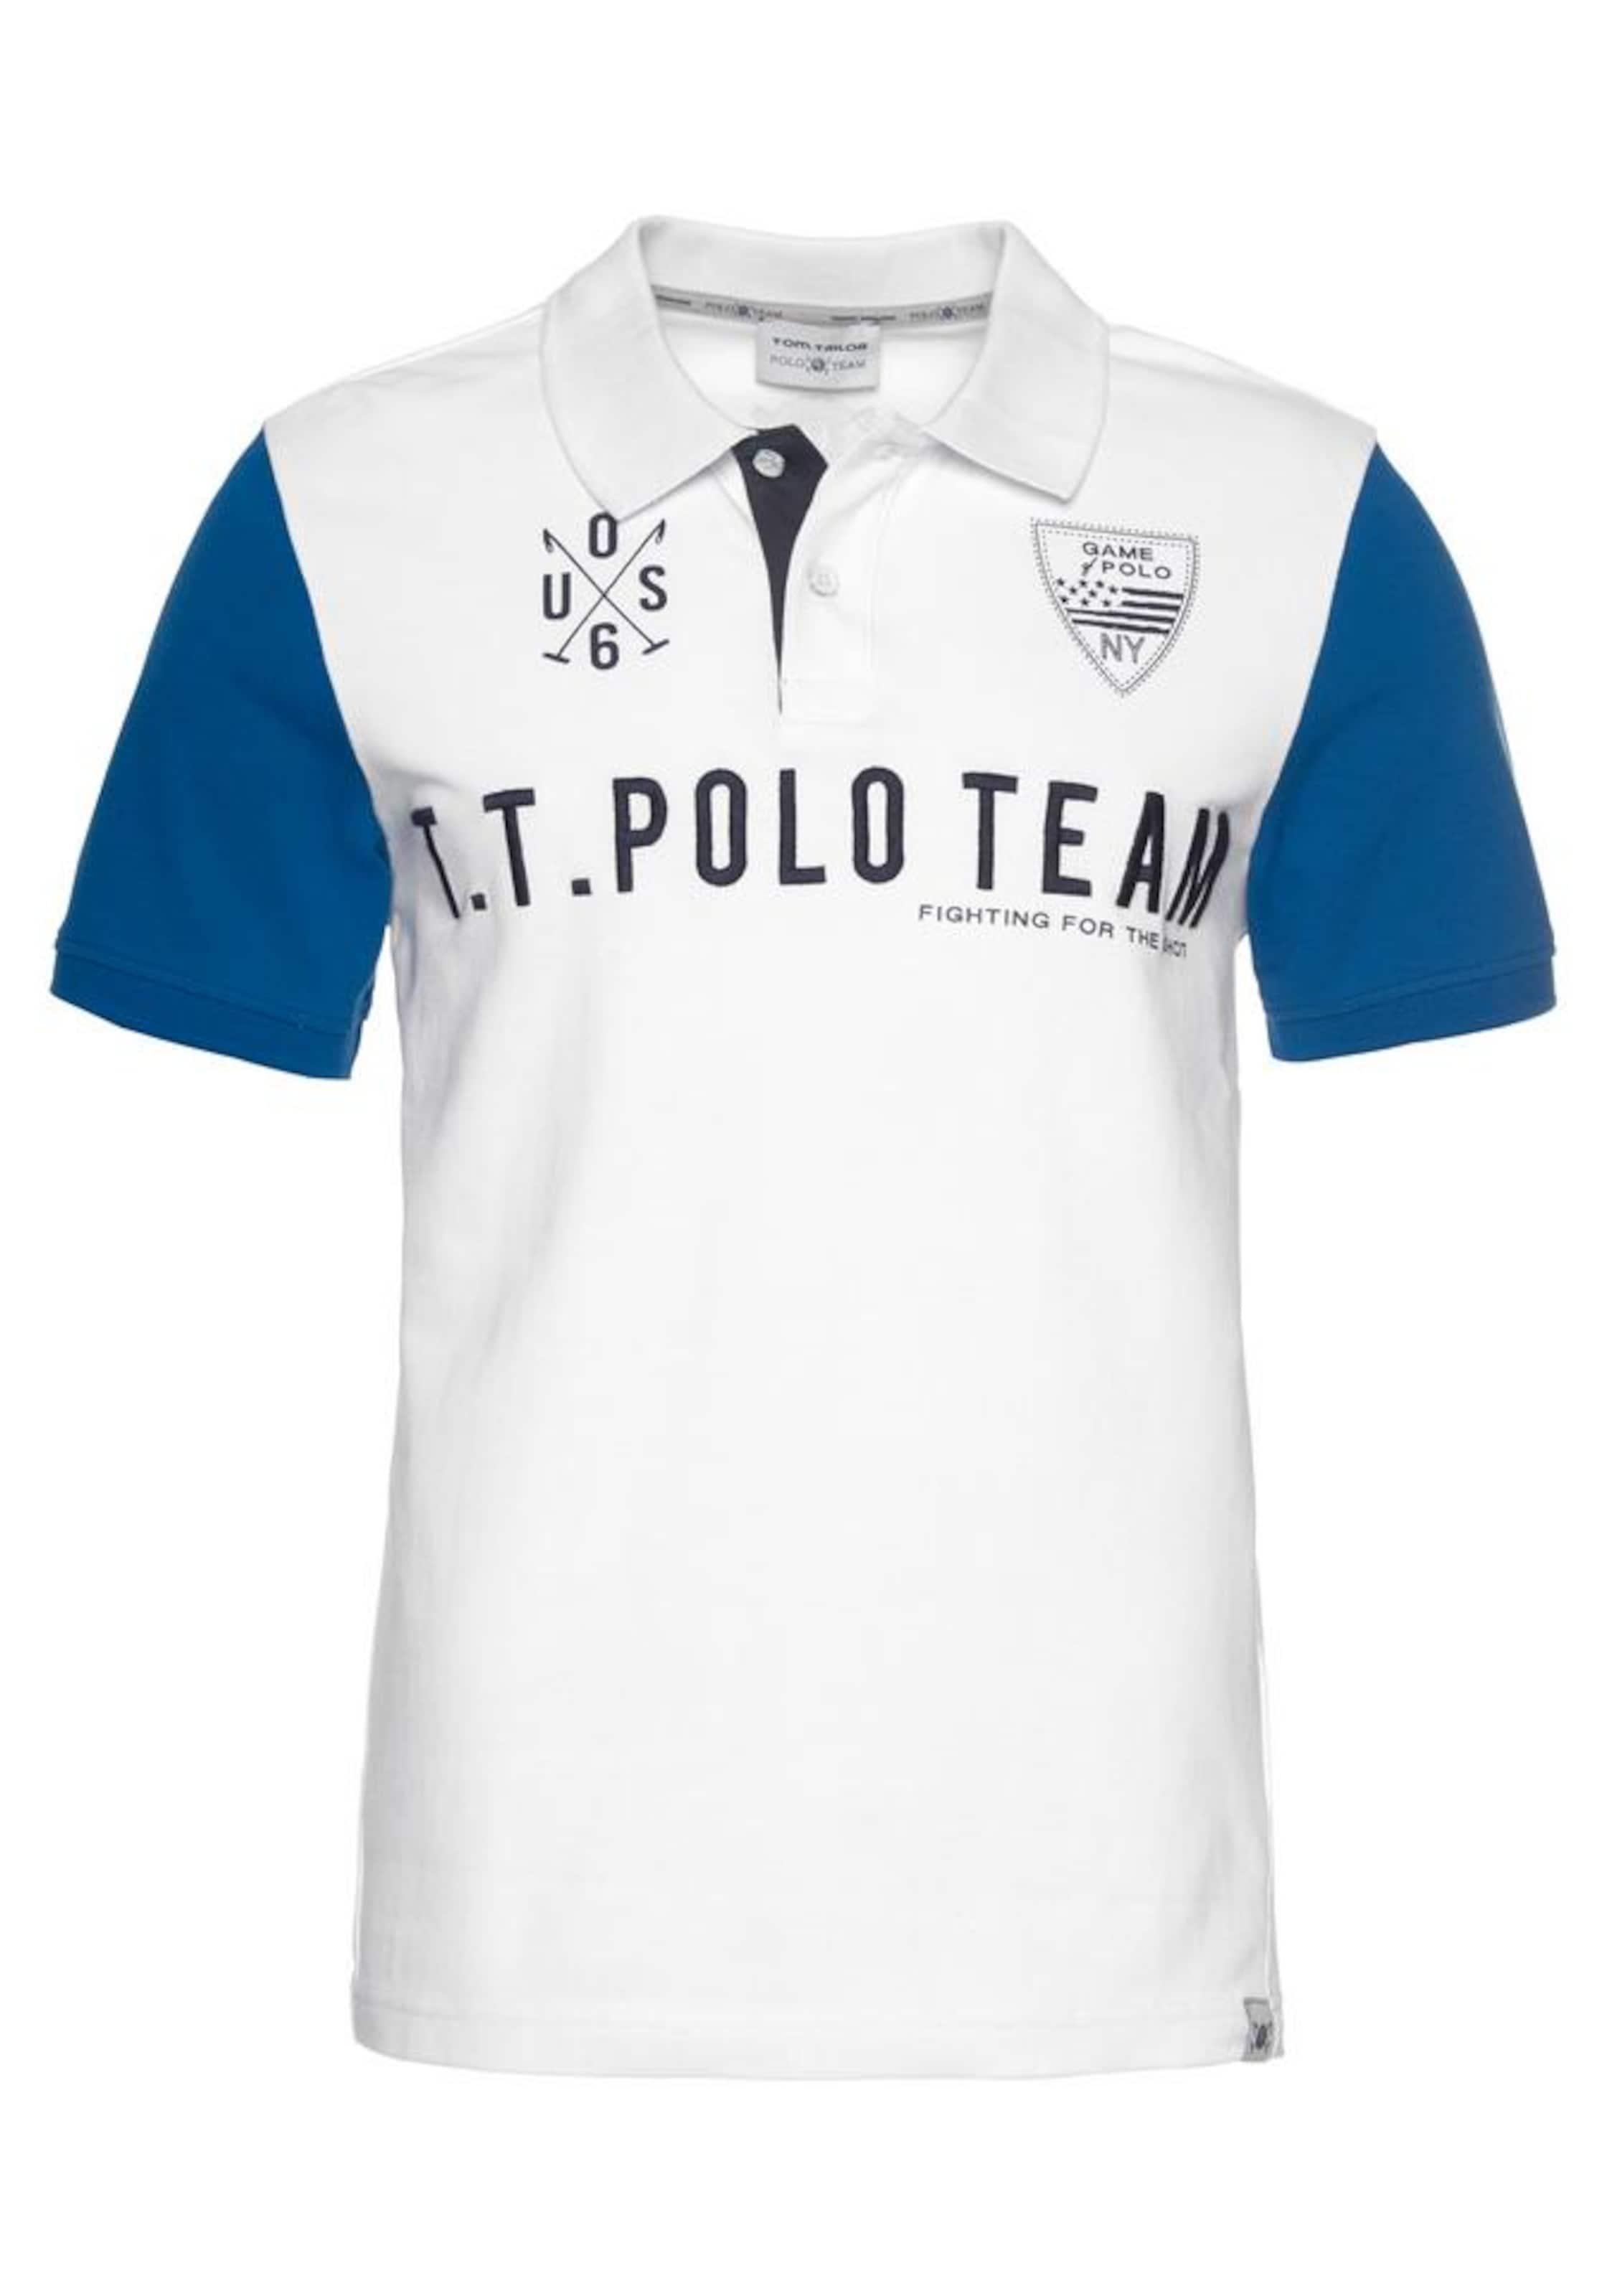 Tailor In Team Poloshirt Polo BlauWeiß Tom uOiwkXTPZ